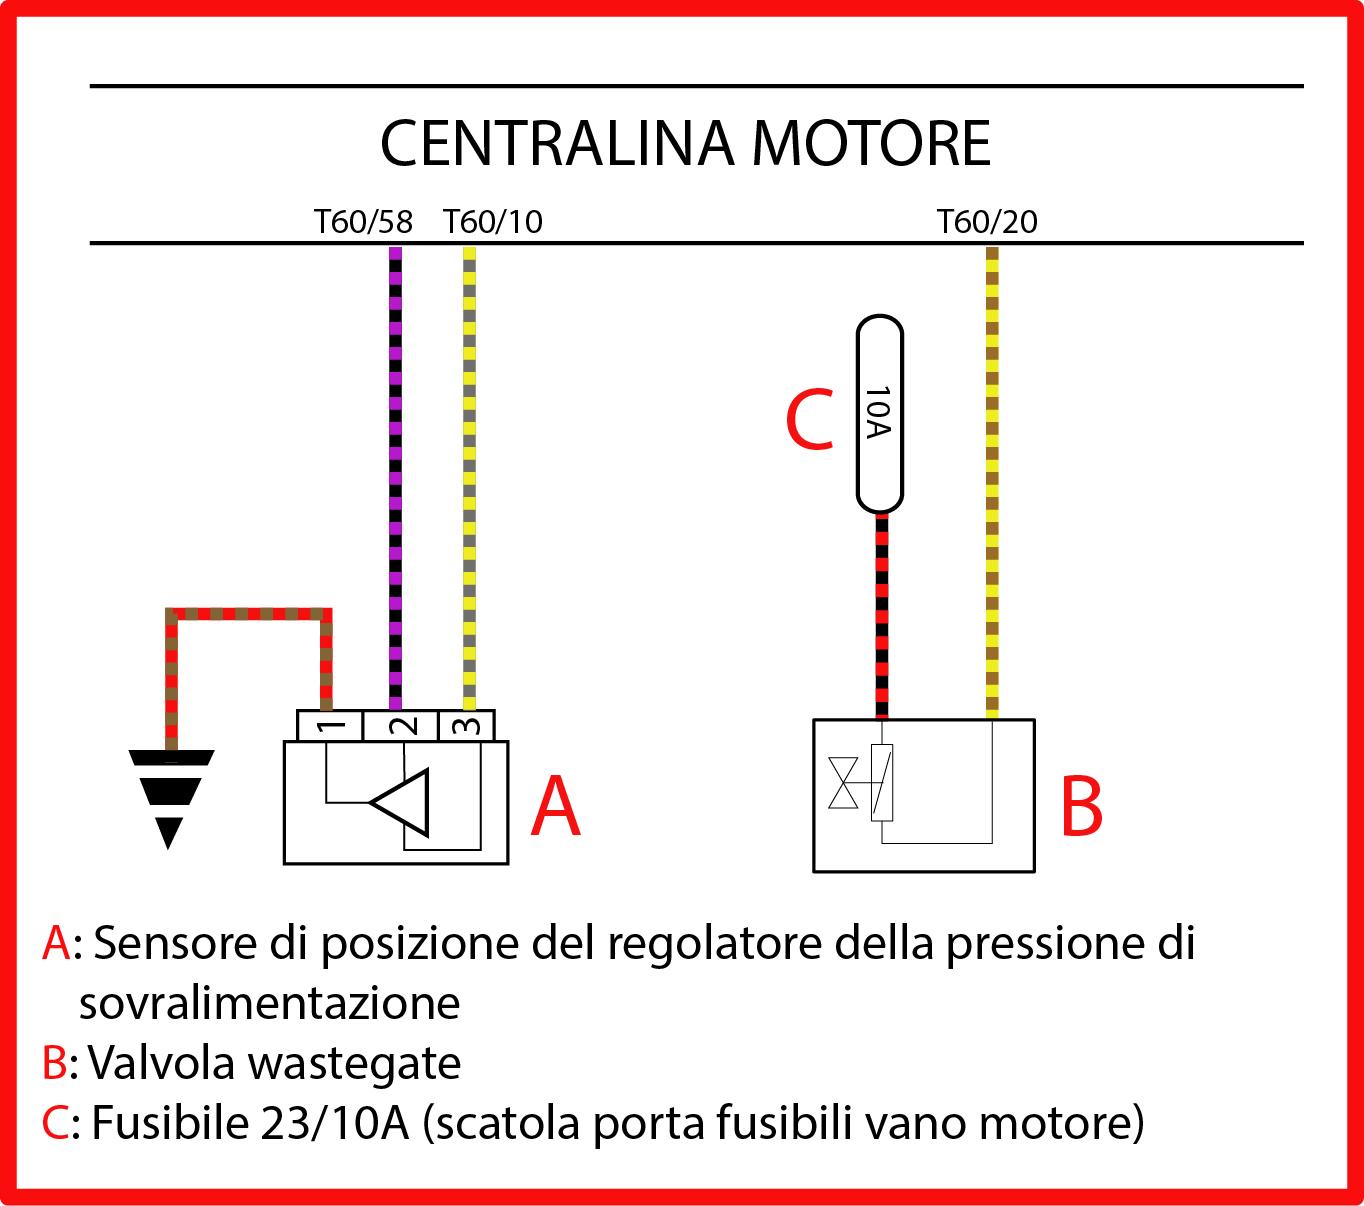 Schema Elettrico Ventola Radiatore : P sensore posizione regolatore sovralimentazione skoda